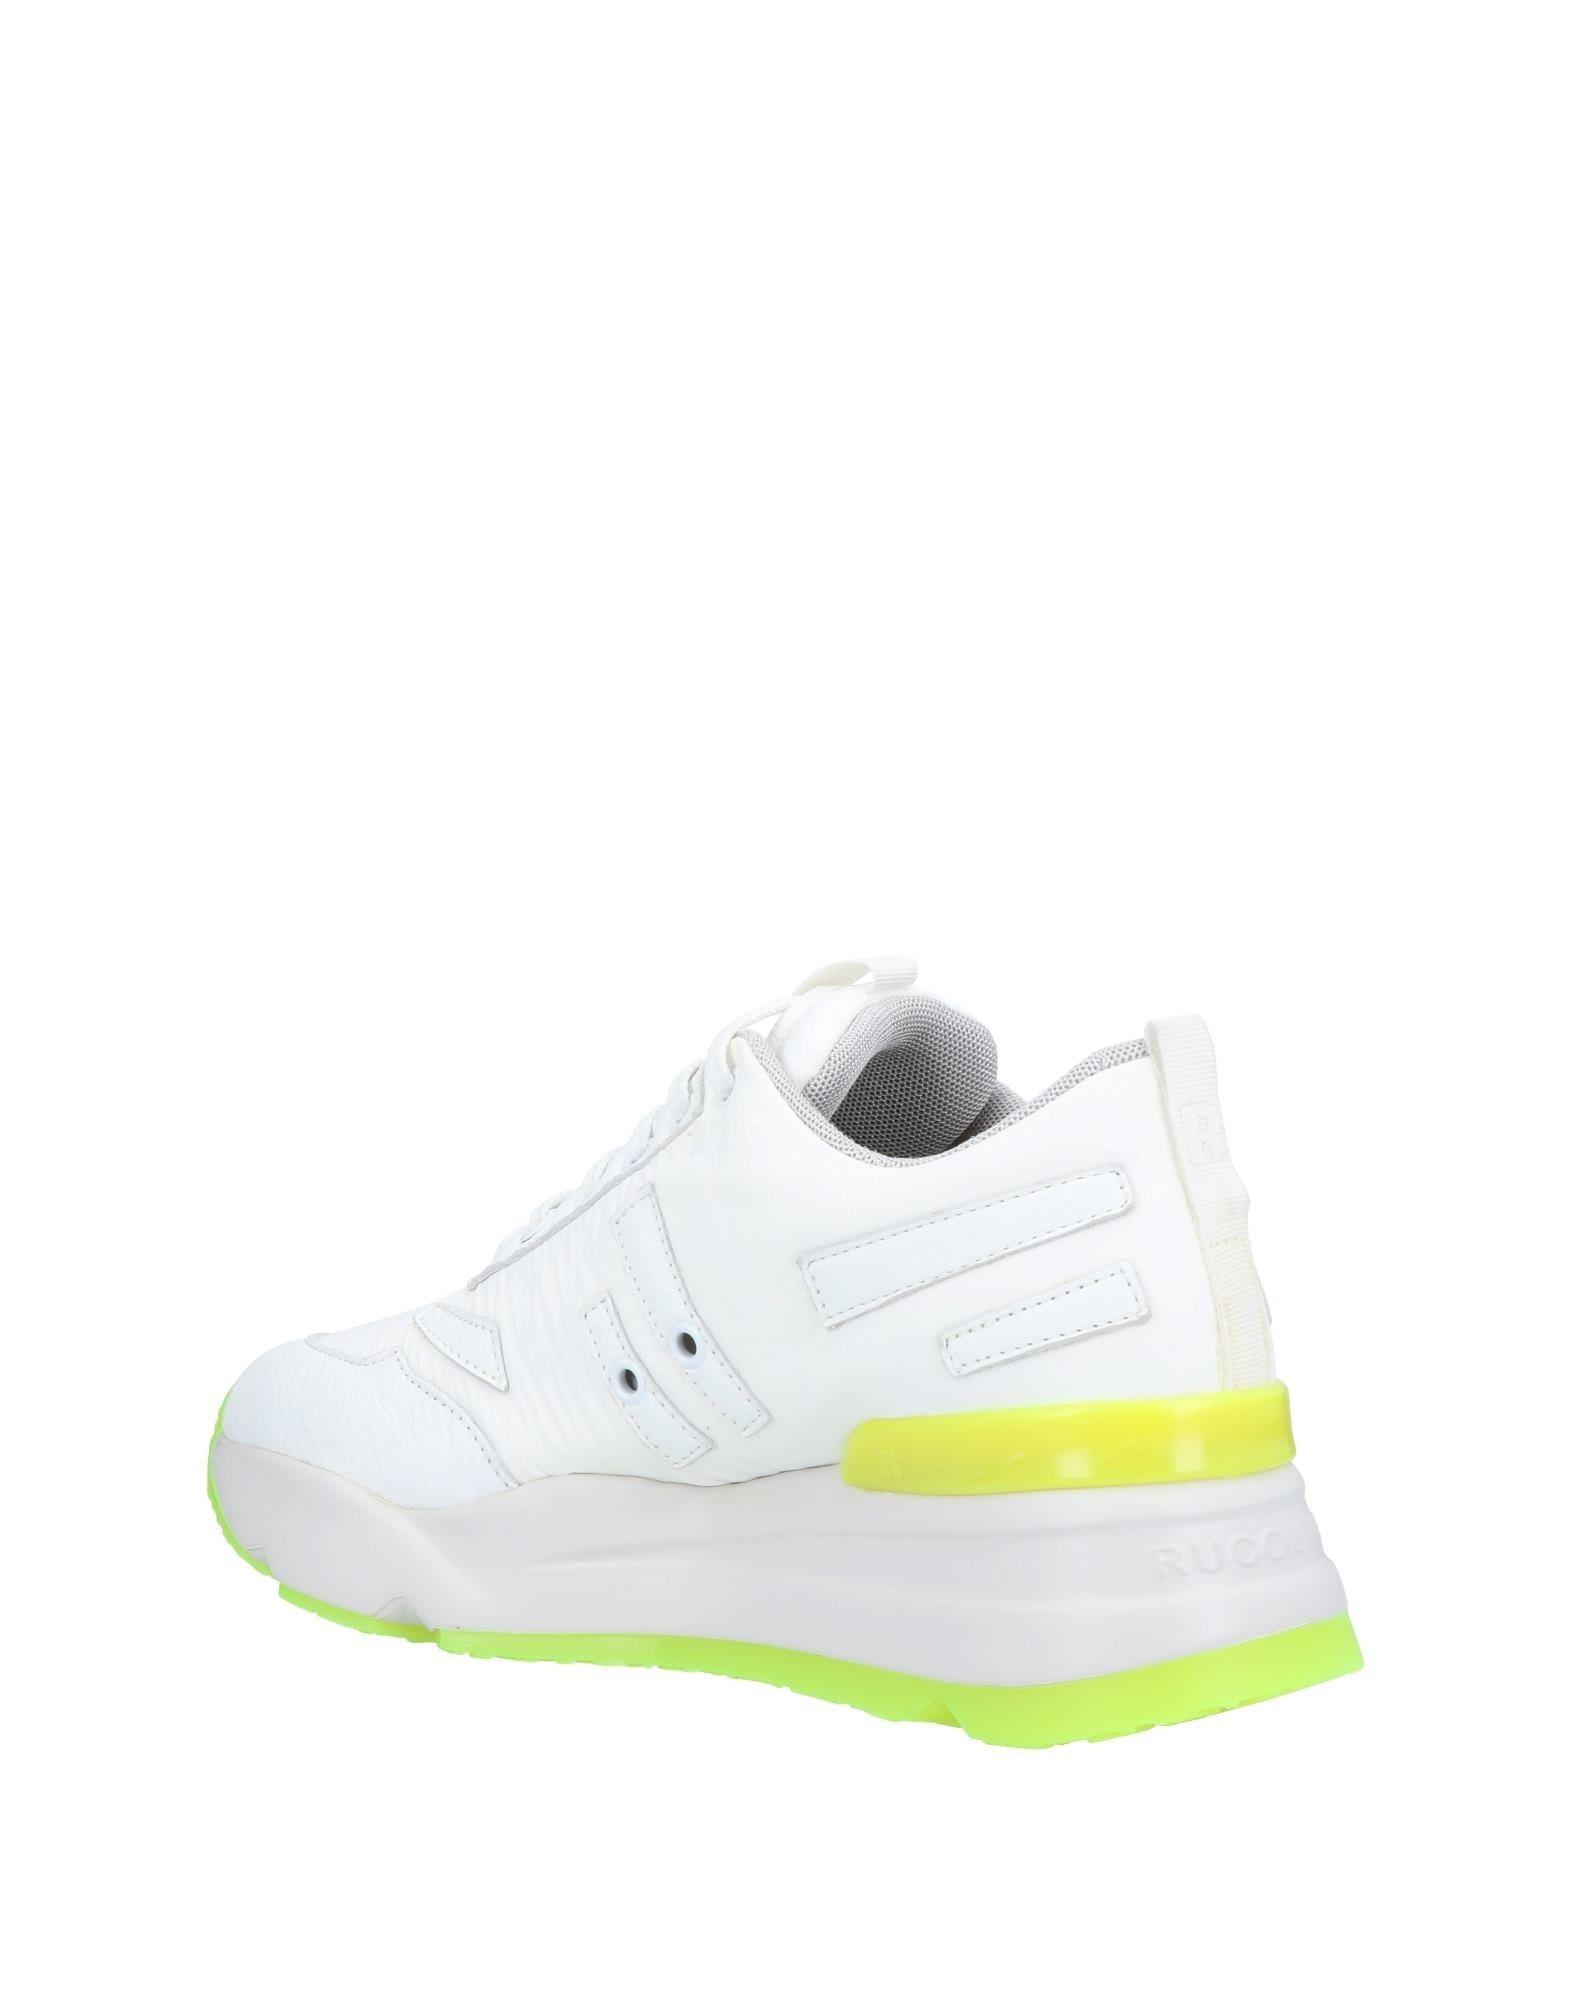 Ruco sich Line Sneakers Damen Gutes Preis-Leistungs-Verhältnis, es lohnt sich Ruco 25b20e